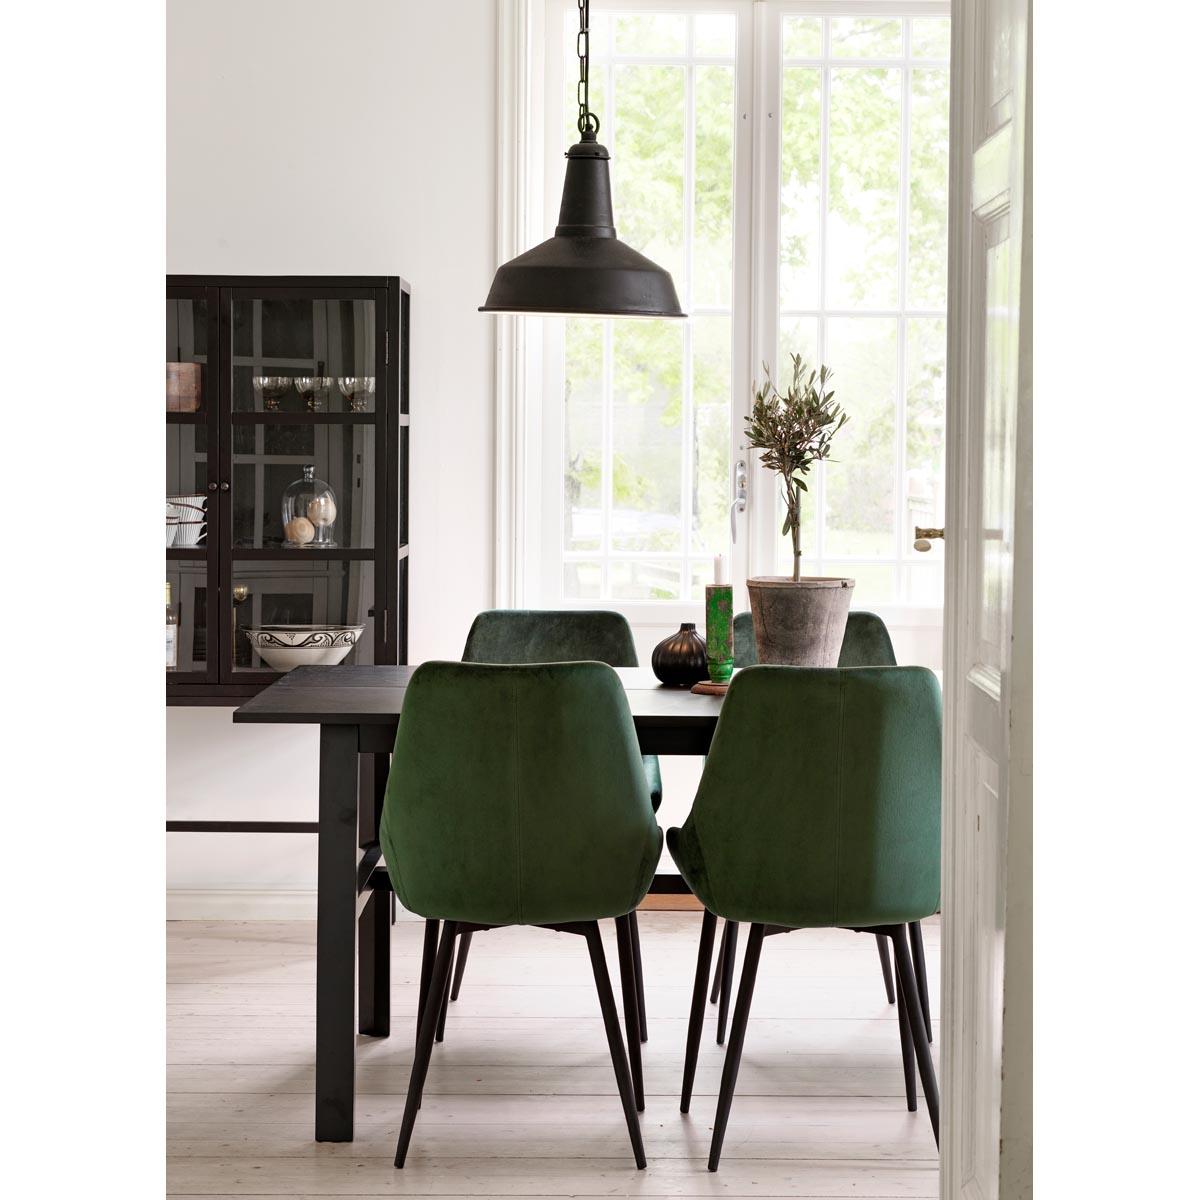 Hudson-matbord-svart-100286_miljo-Ebbot-stolar-Marshall-vitrin